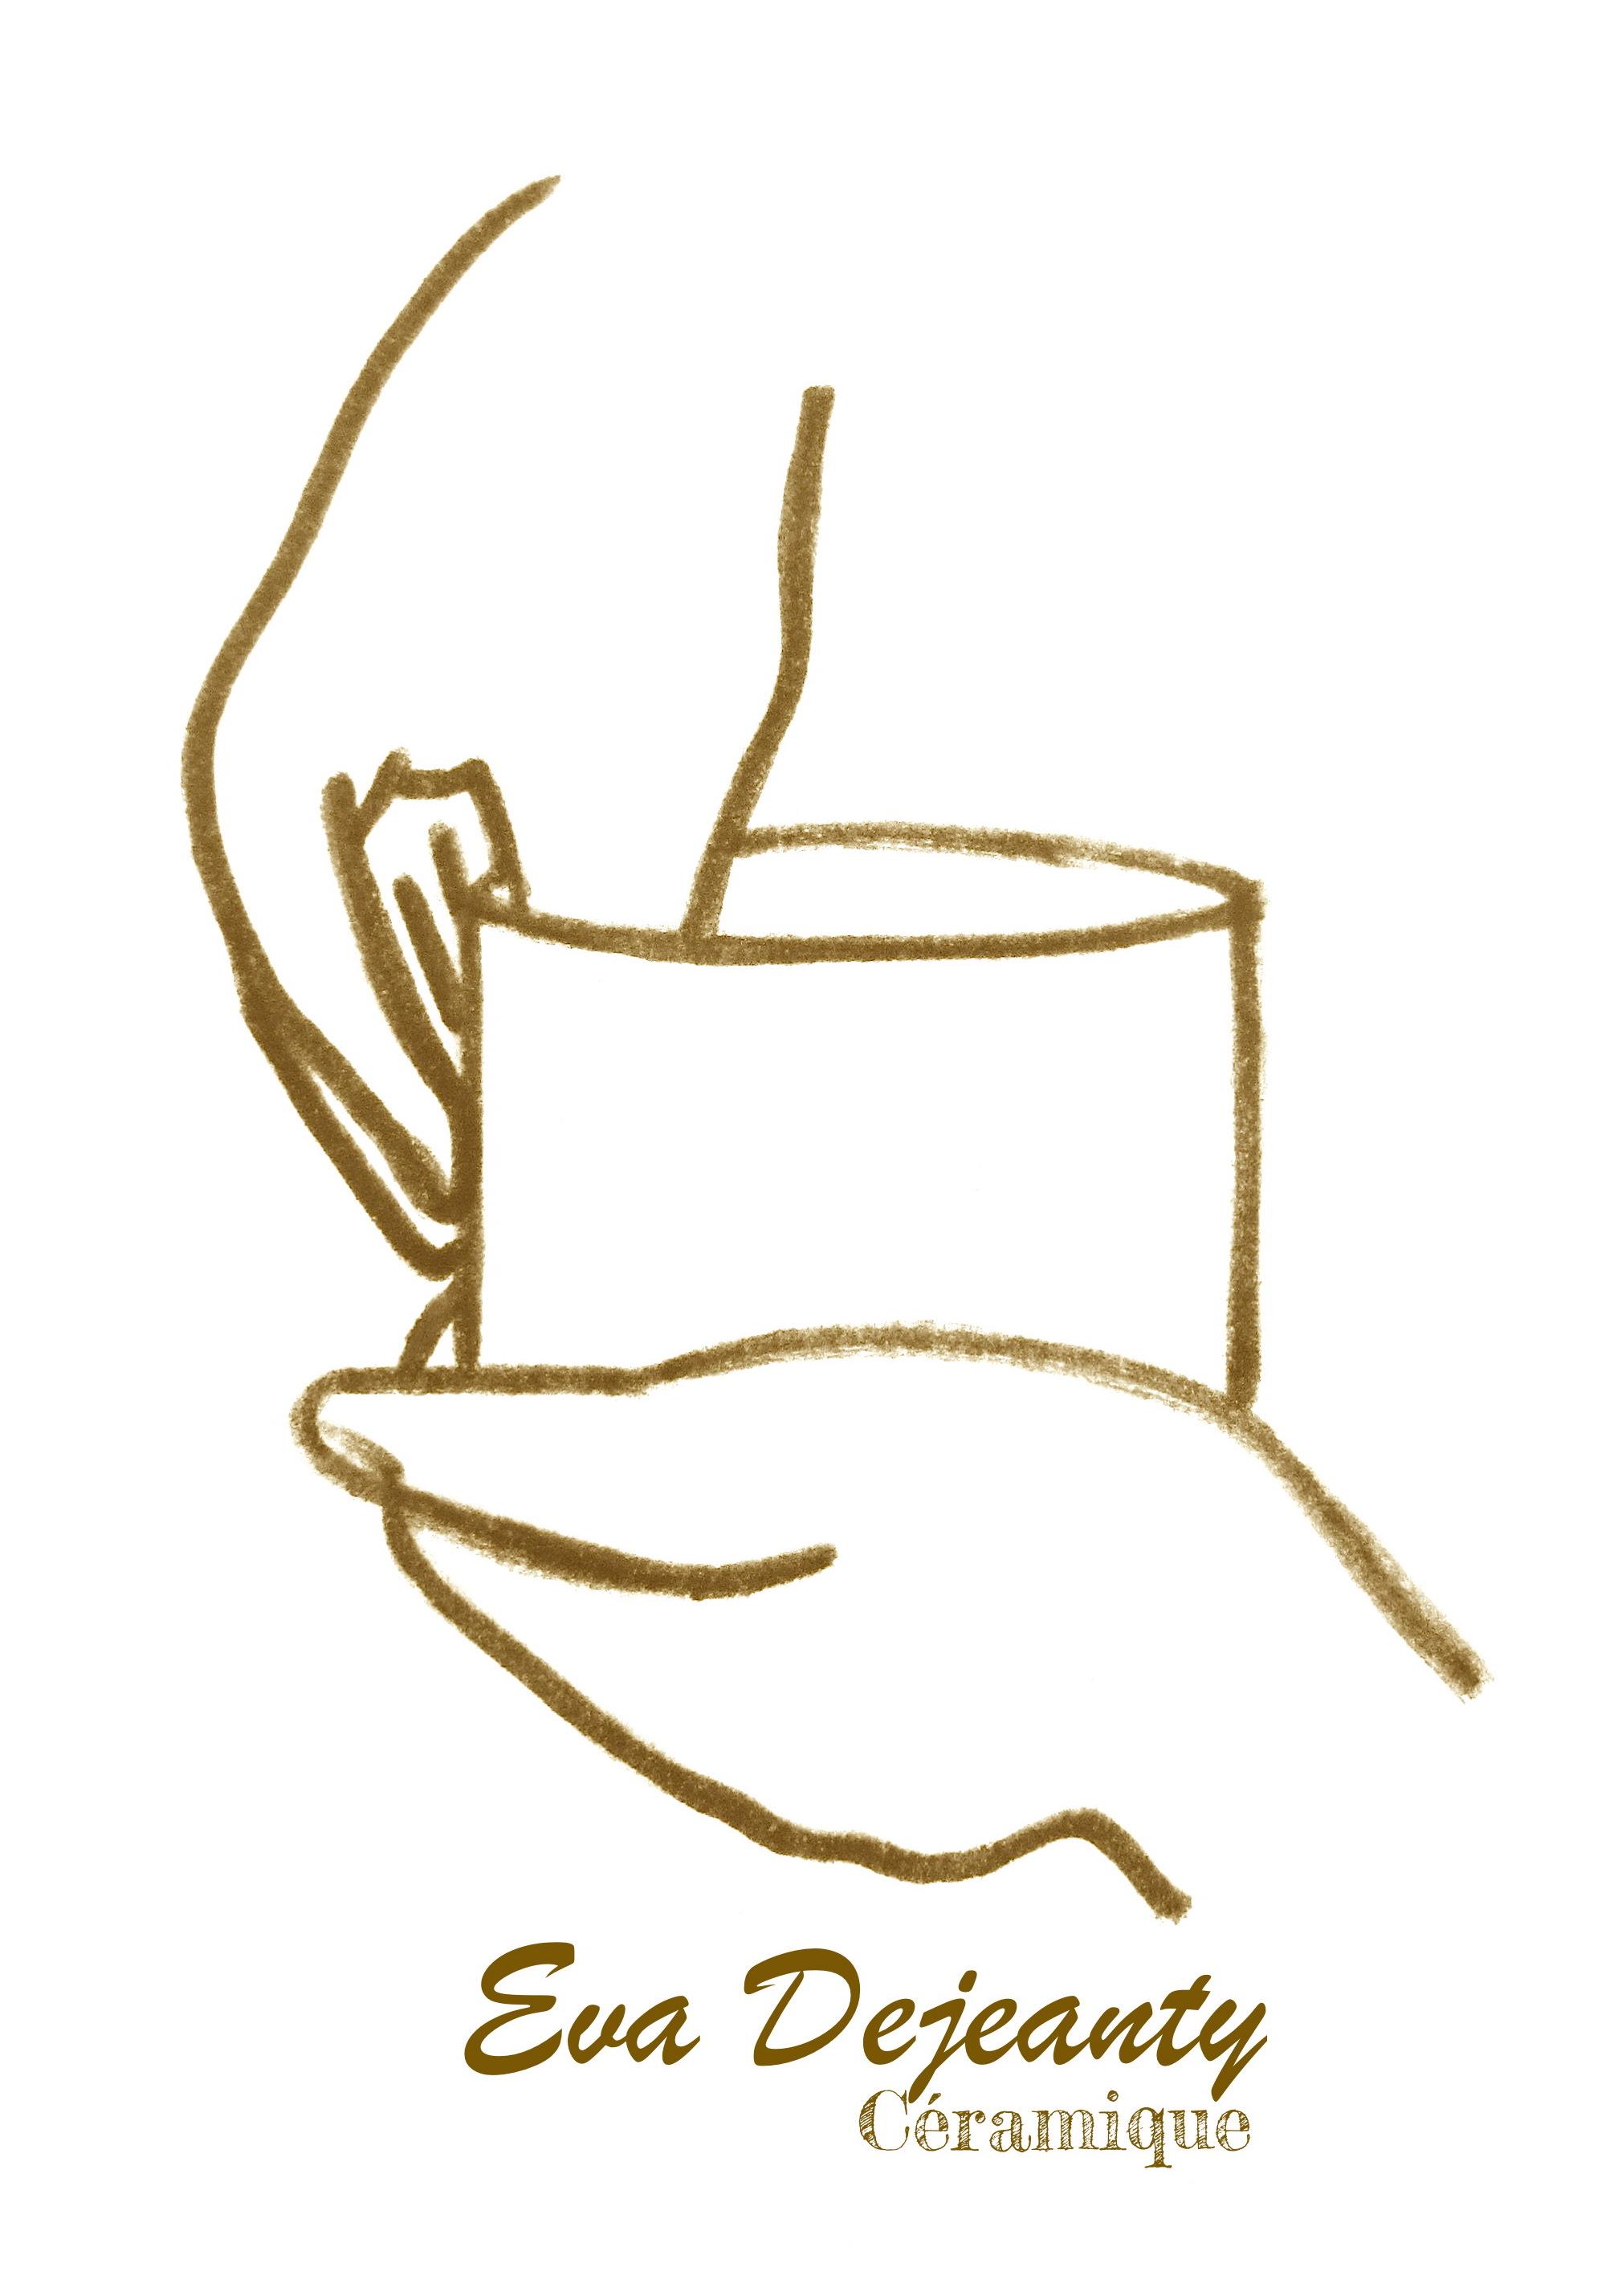 Eva dejeanty c ramique logo  2